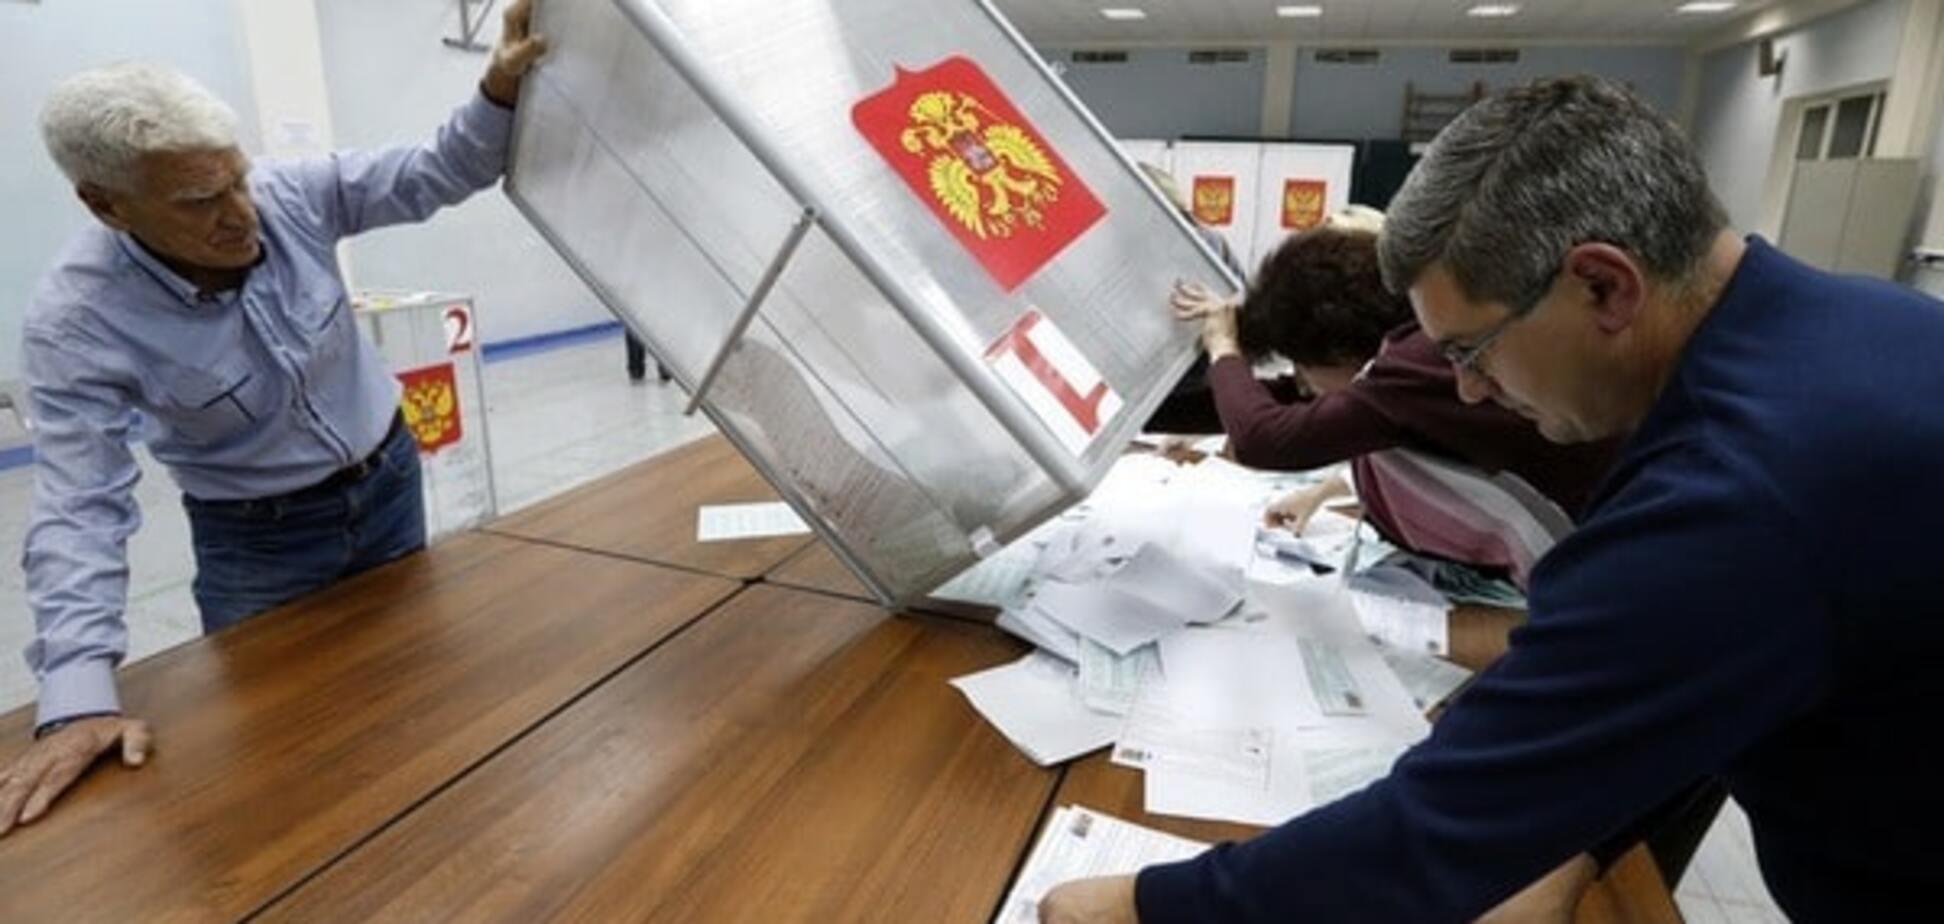 Вони не здатні навіть на найпростіше: Панфілов 'опустив' російську опозицію